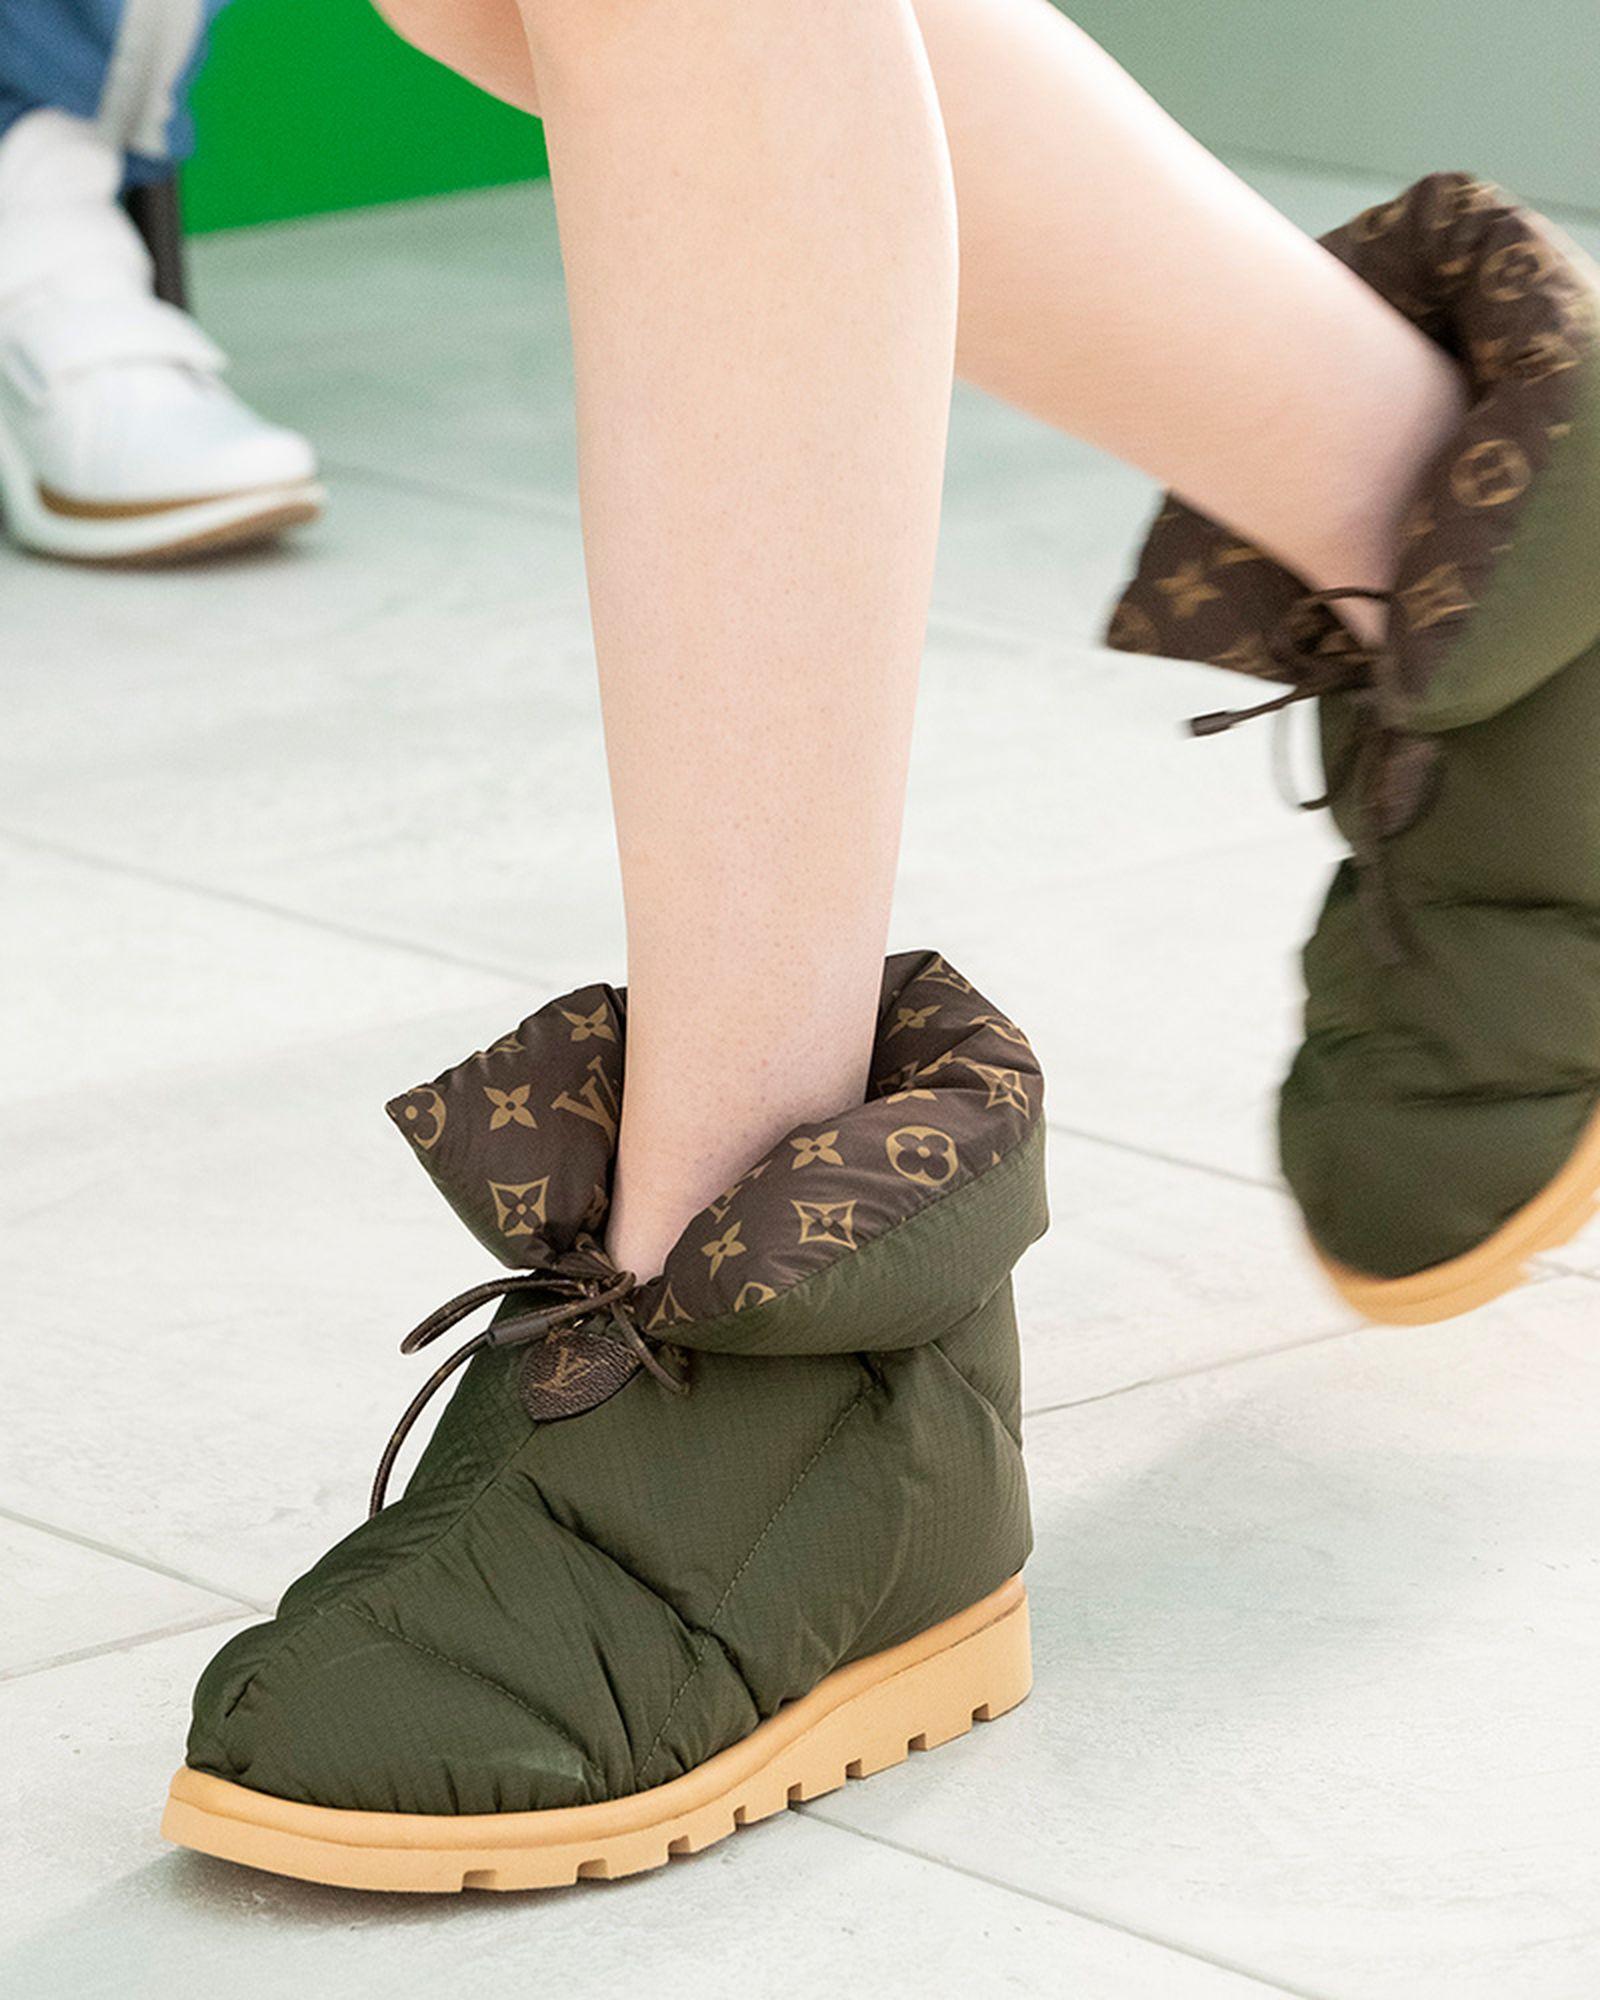 lv-pillow-boot-02